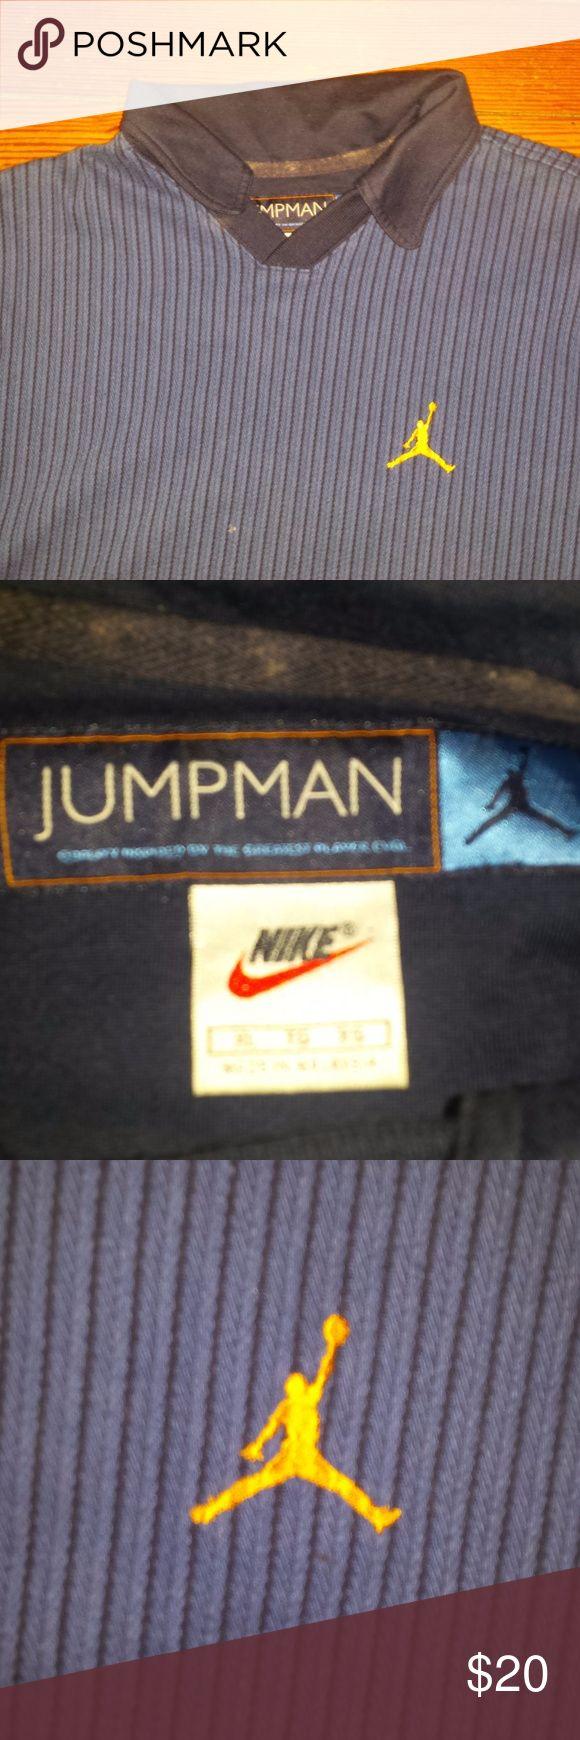 1997 Air Jordan Polo Shirt XL Air Jordan 1997 blue polo shirt. Size XL. Air Jordan Shirts Polos